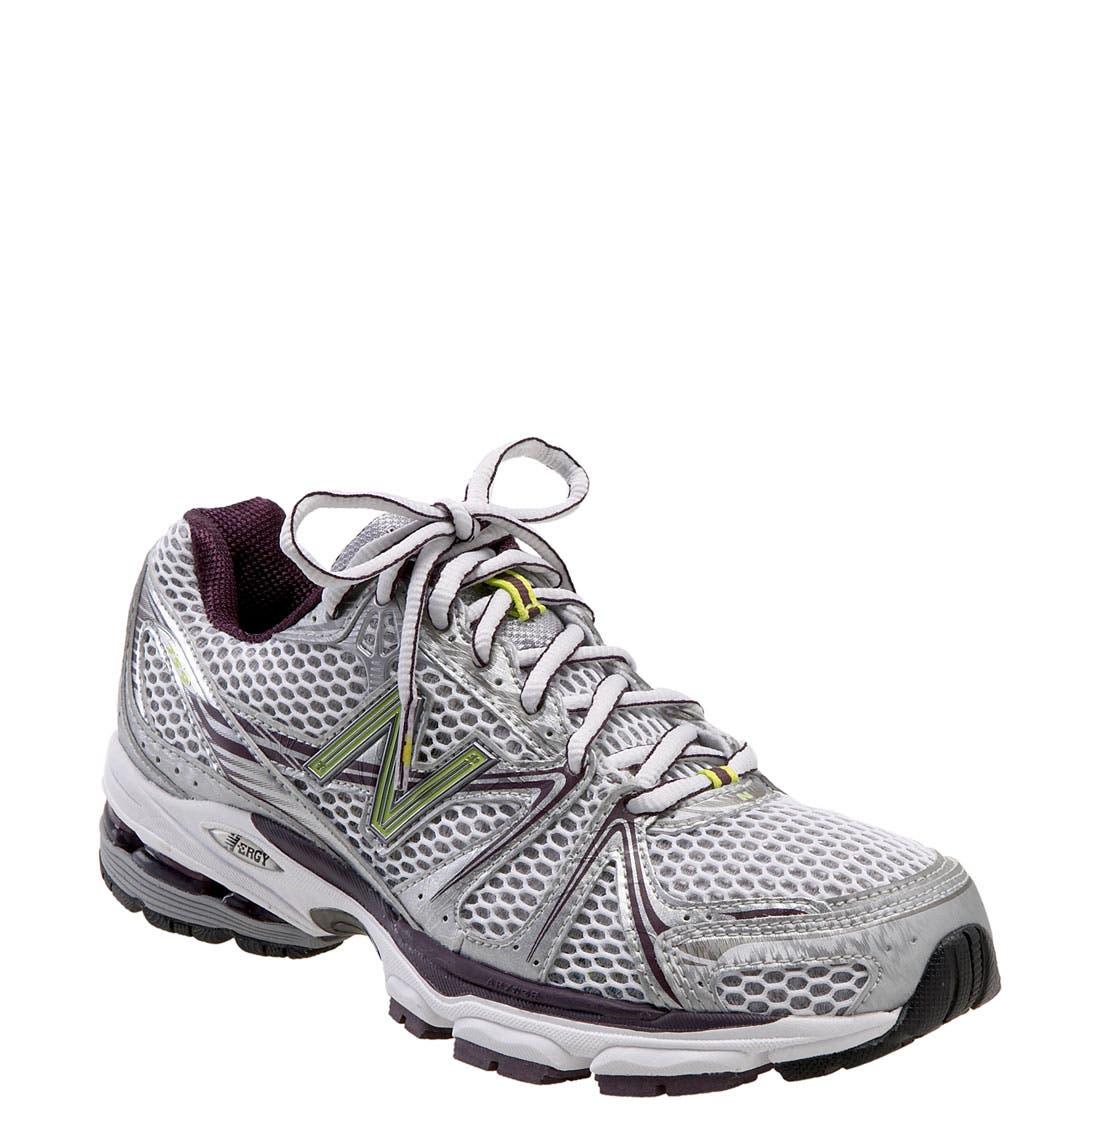 Main Image - New Balance '759' Running Shoe (Women)(Retail Price: $77.95)